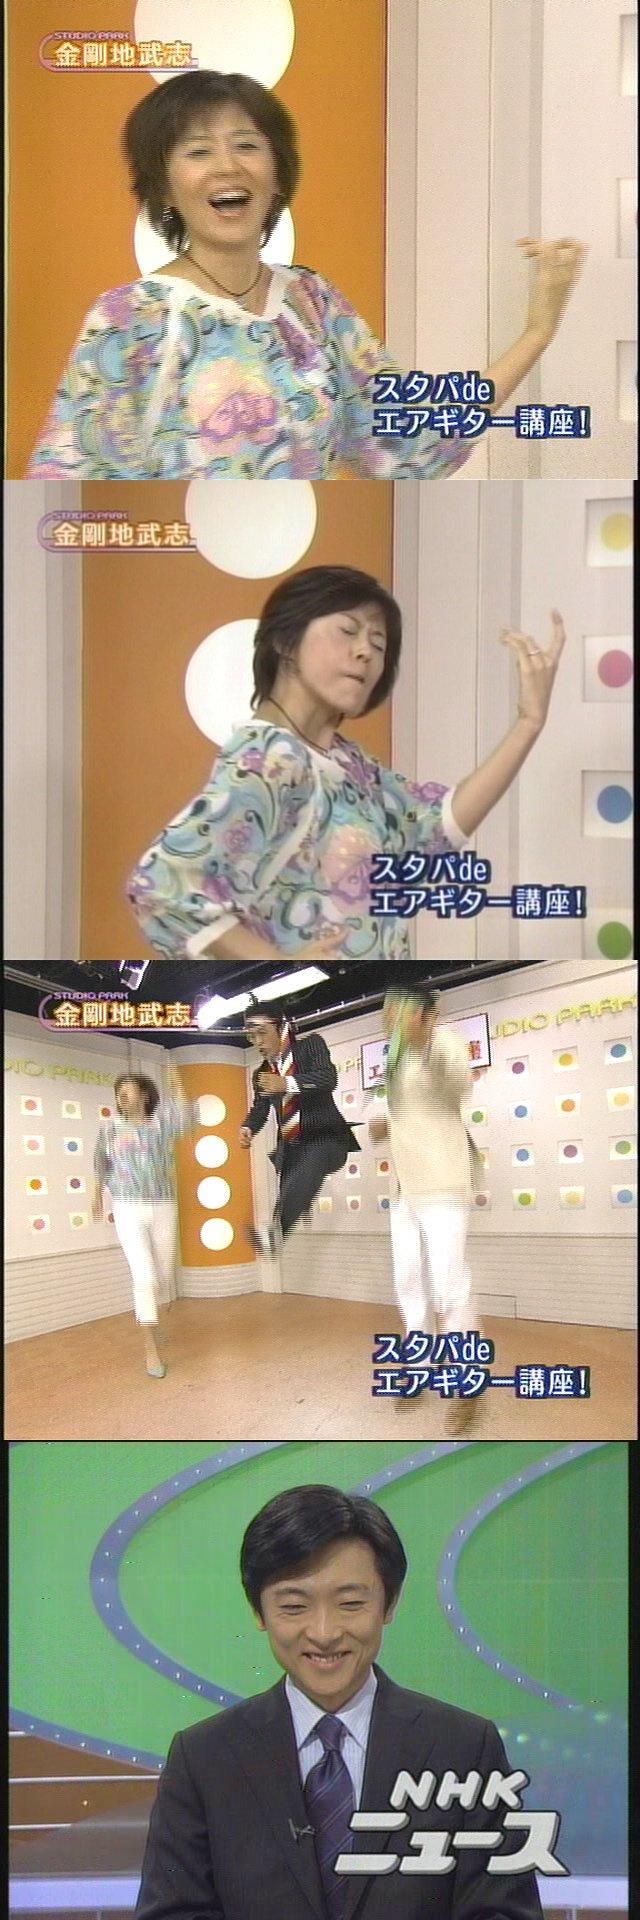 面白画像 金剛地武志による『スタパdeエアギター講座!』が楽しそうで、NHKアナウンサーも(笑)tvmovie_0037